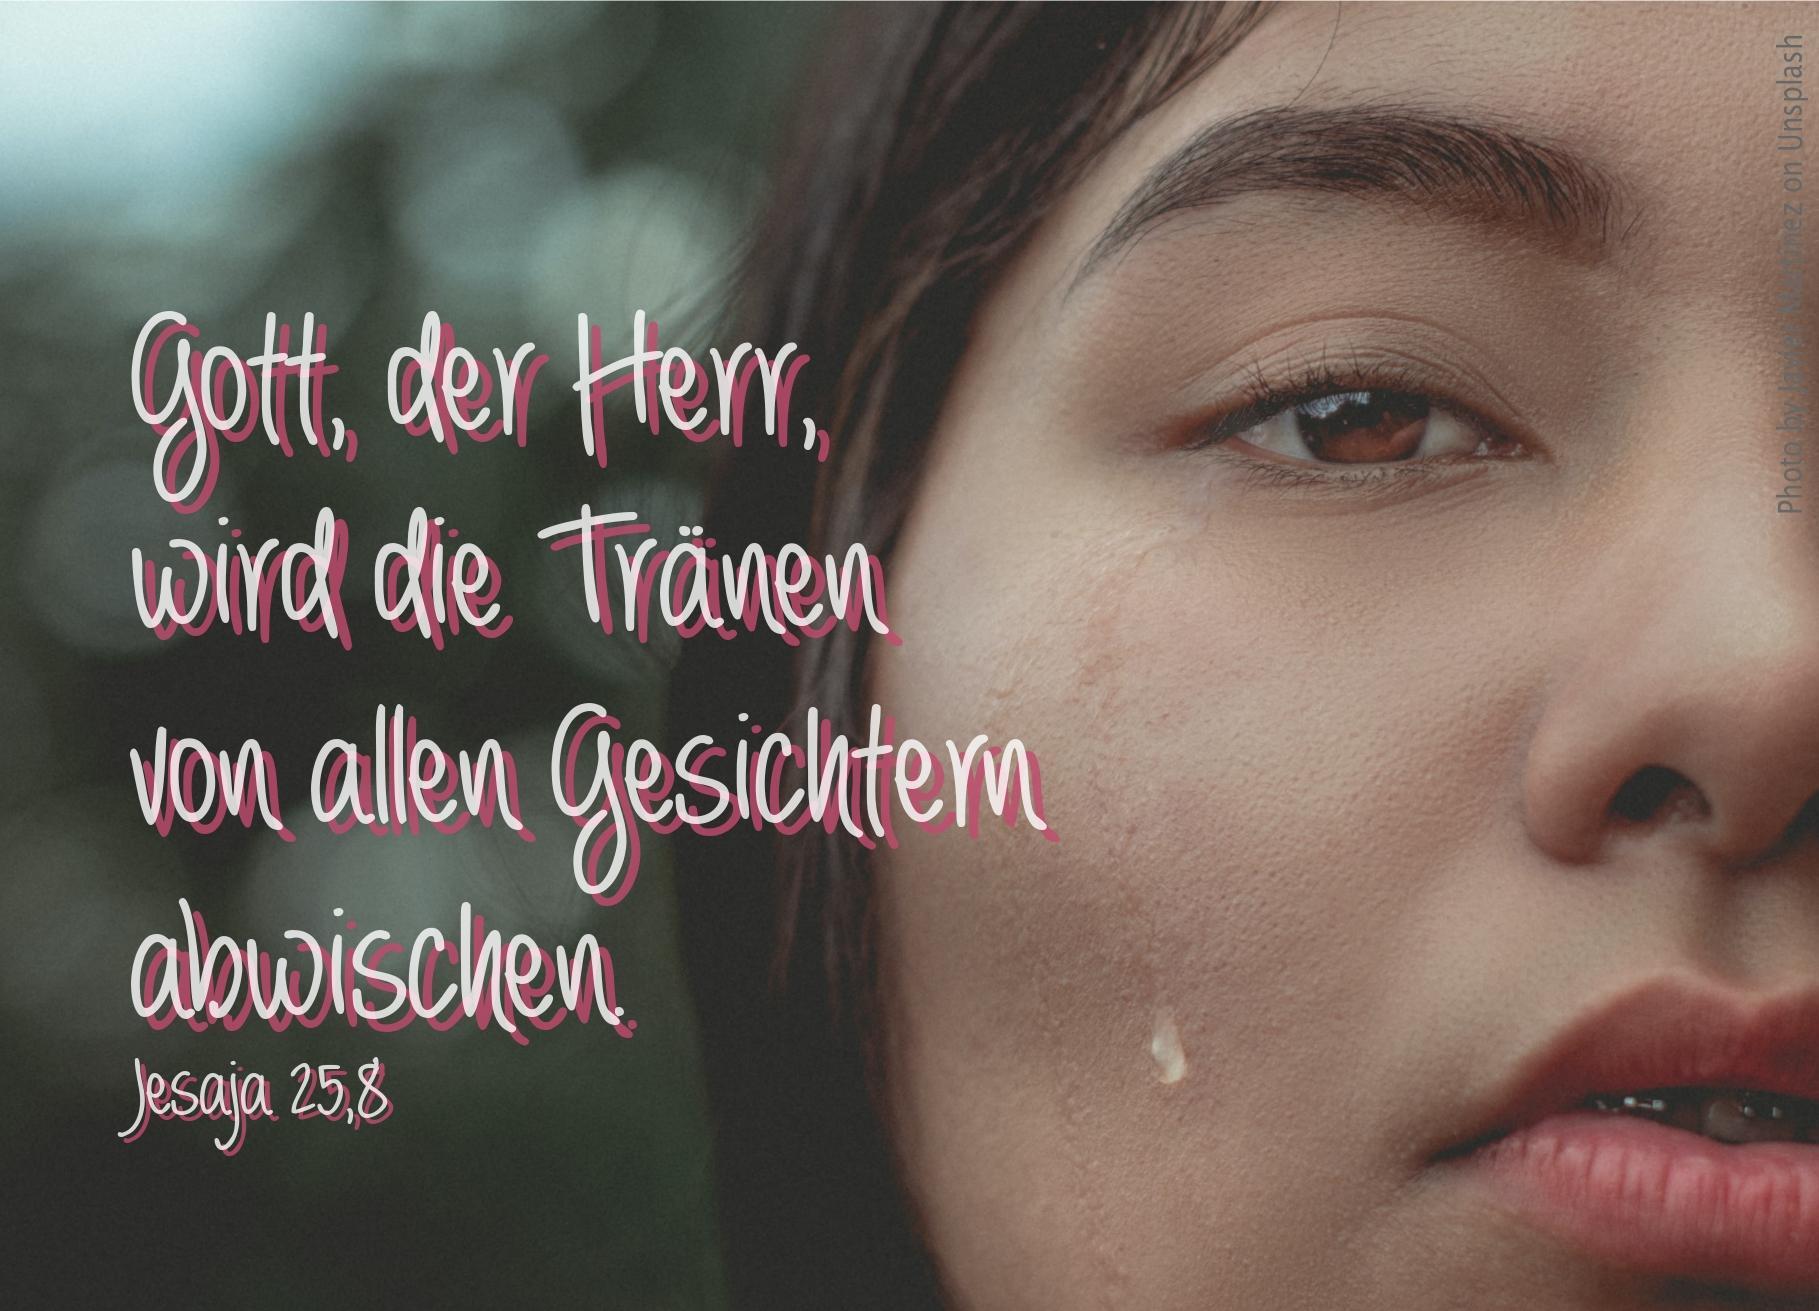 """alt=""""Junge_Frau_mit_Traene_auf_Wange_erwartet_bibelhoerbuch_geistliche_Vollmacht"""""""